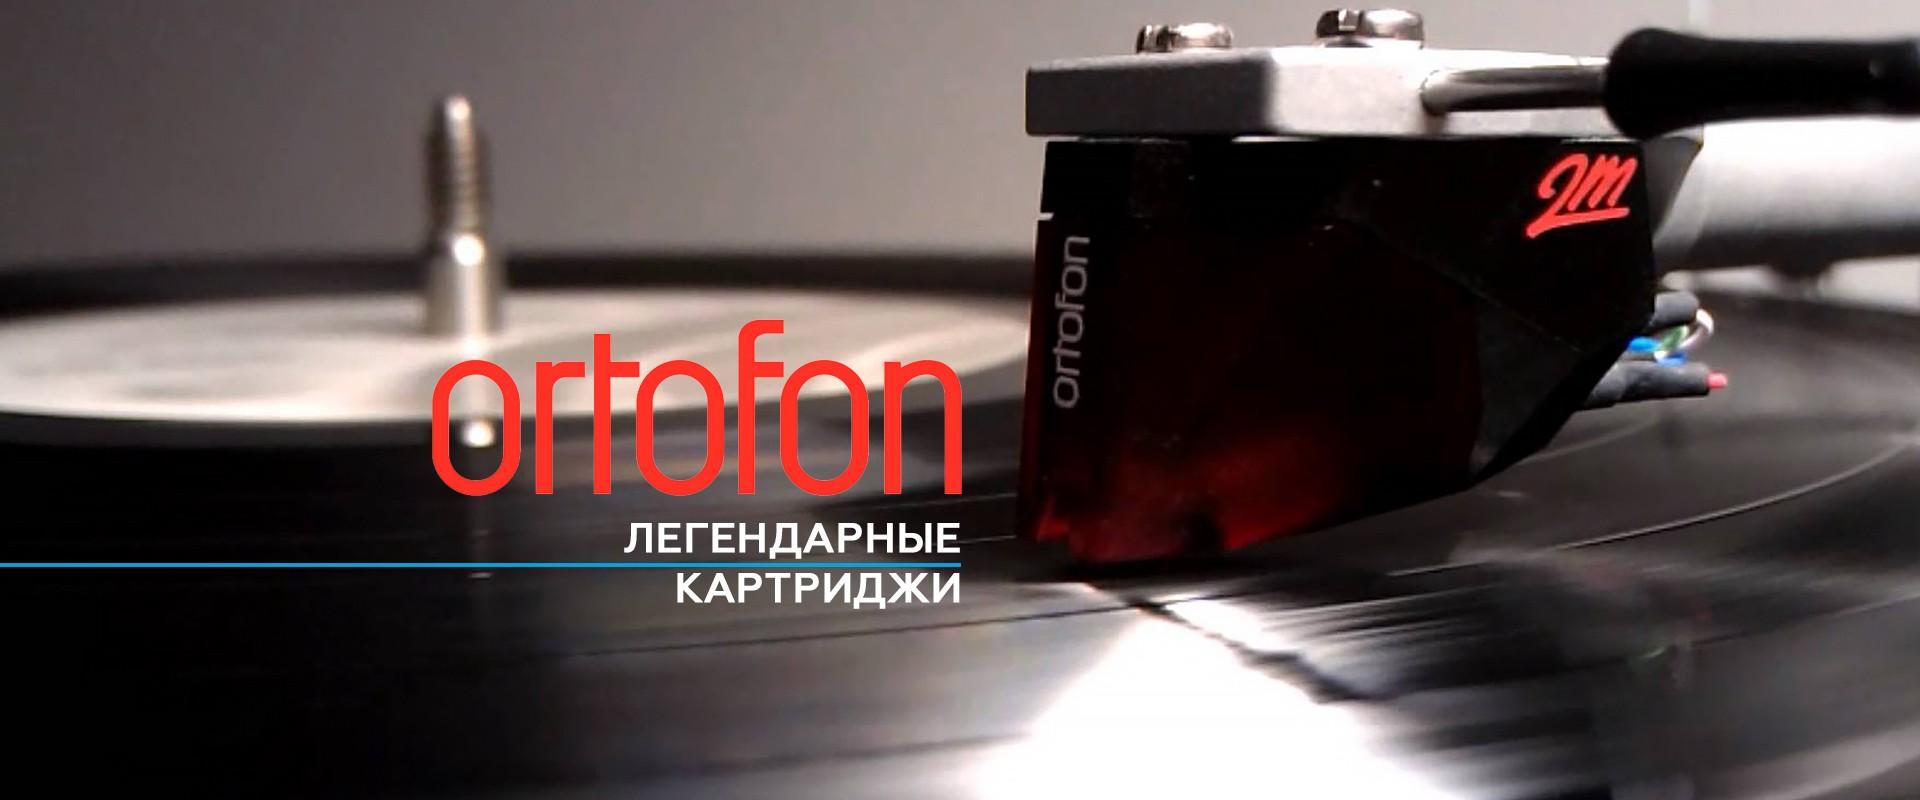 Легендарные картриджи Ortafon